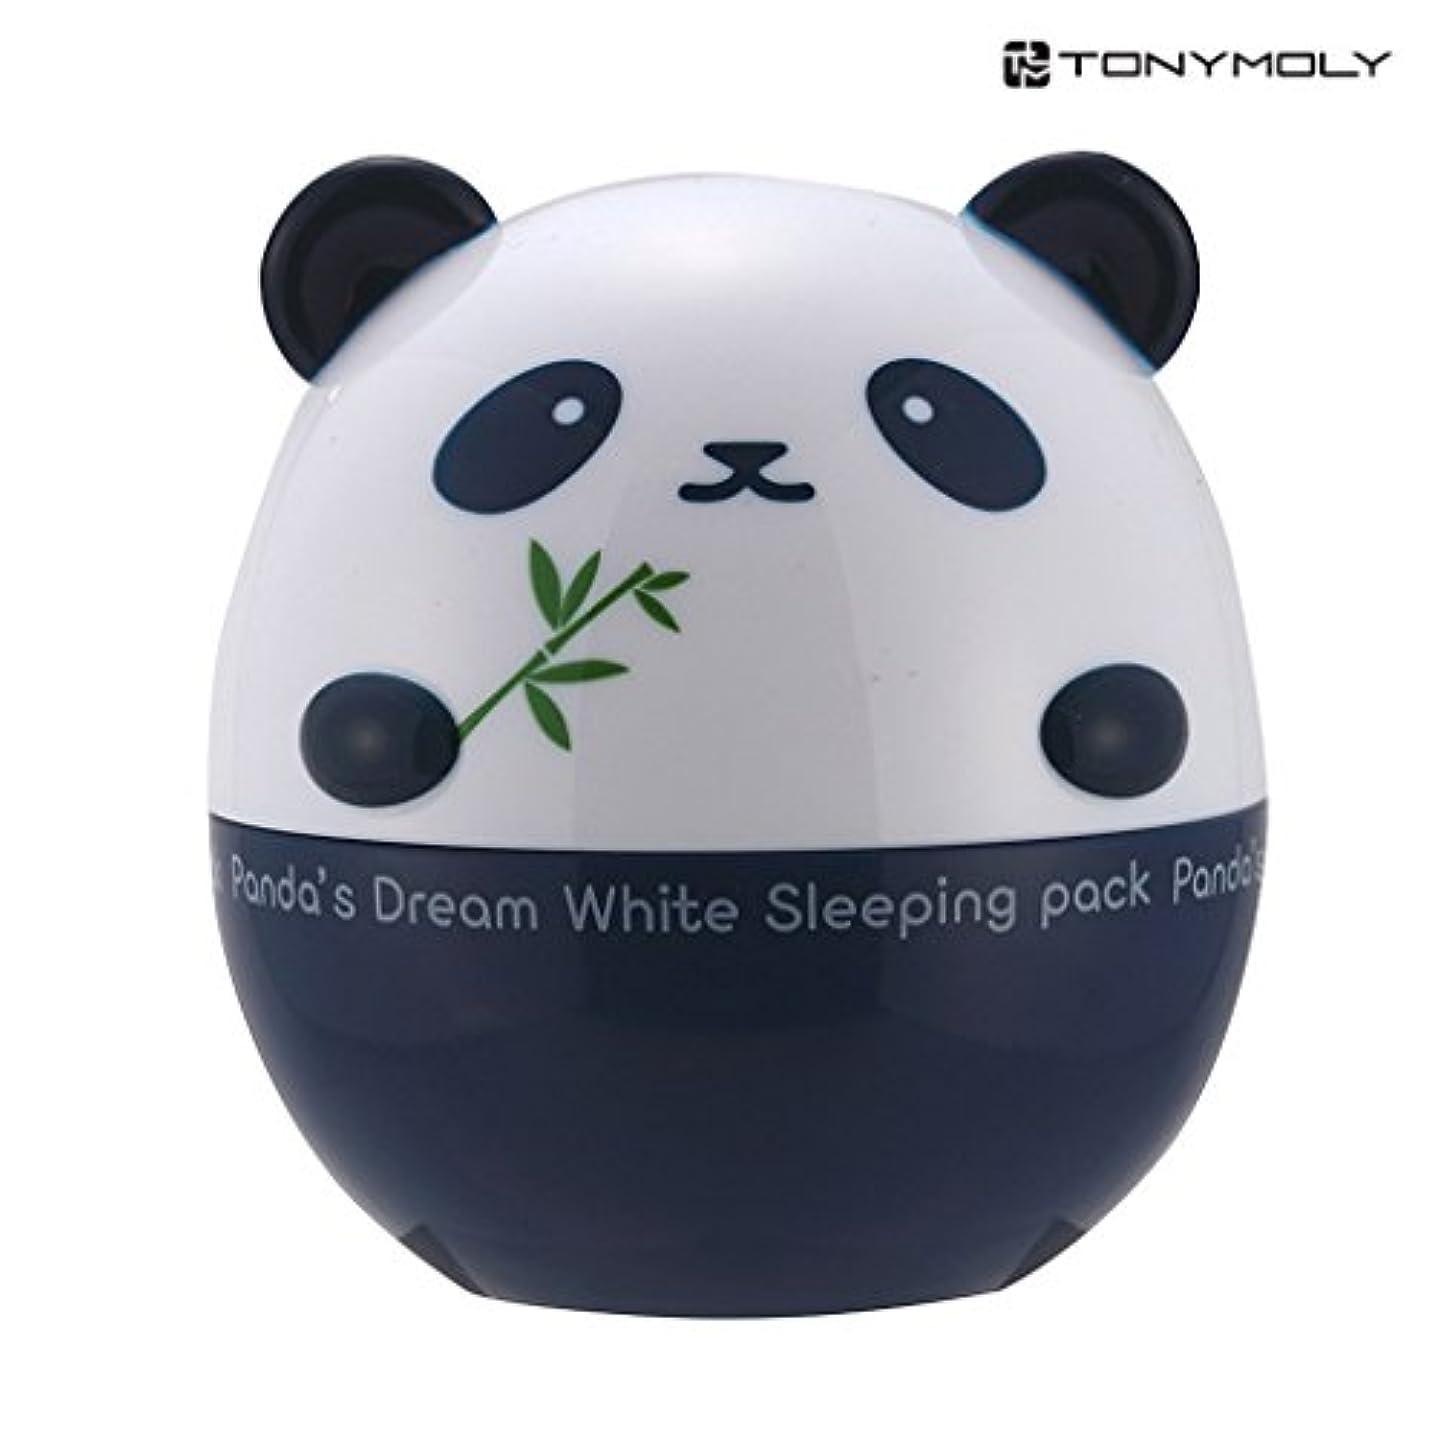 ぺディカブ読書をする関税TonyMoly トニーモリー パンダズ?ドリーム?ホワイト?スリーピング?パック 50g (Panda`s Dream White Sleeping Pack) 海外直送品